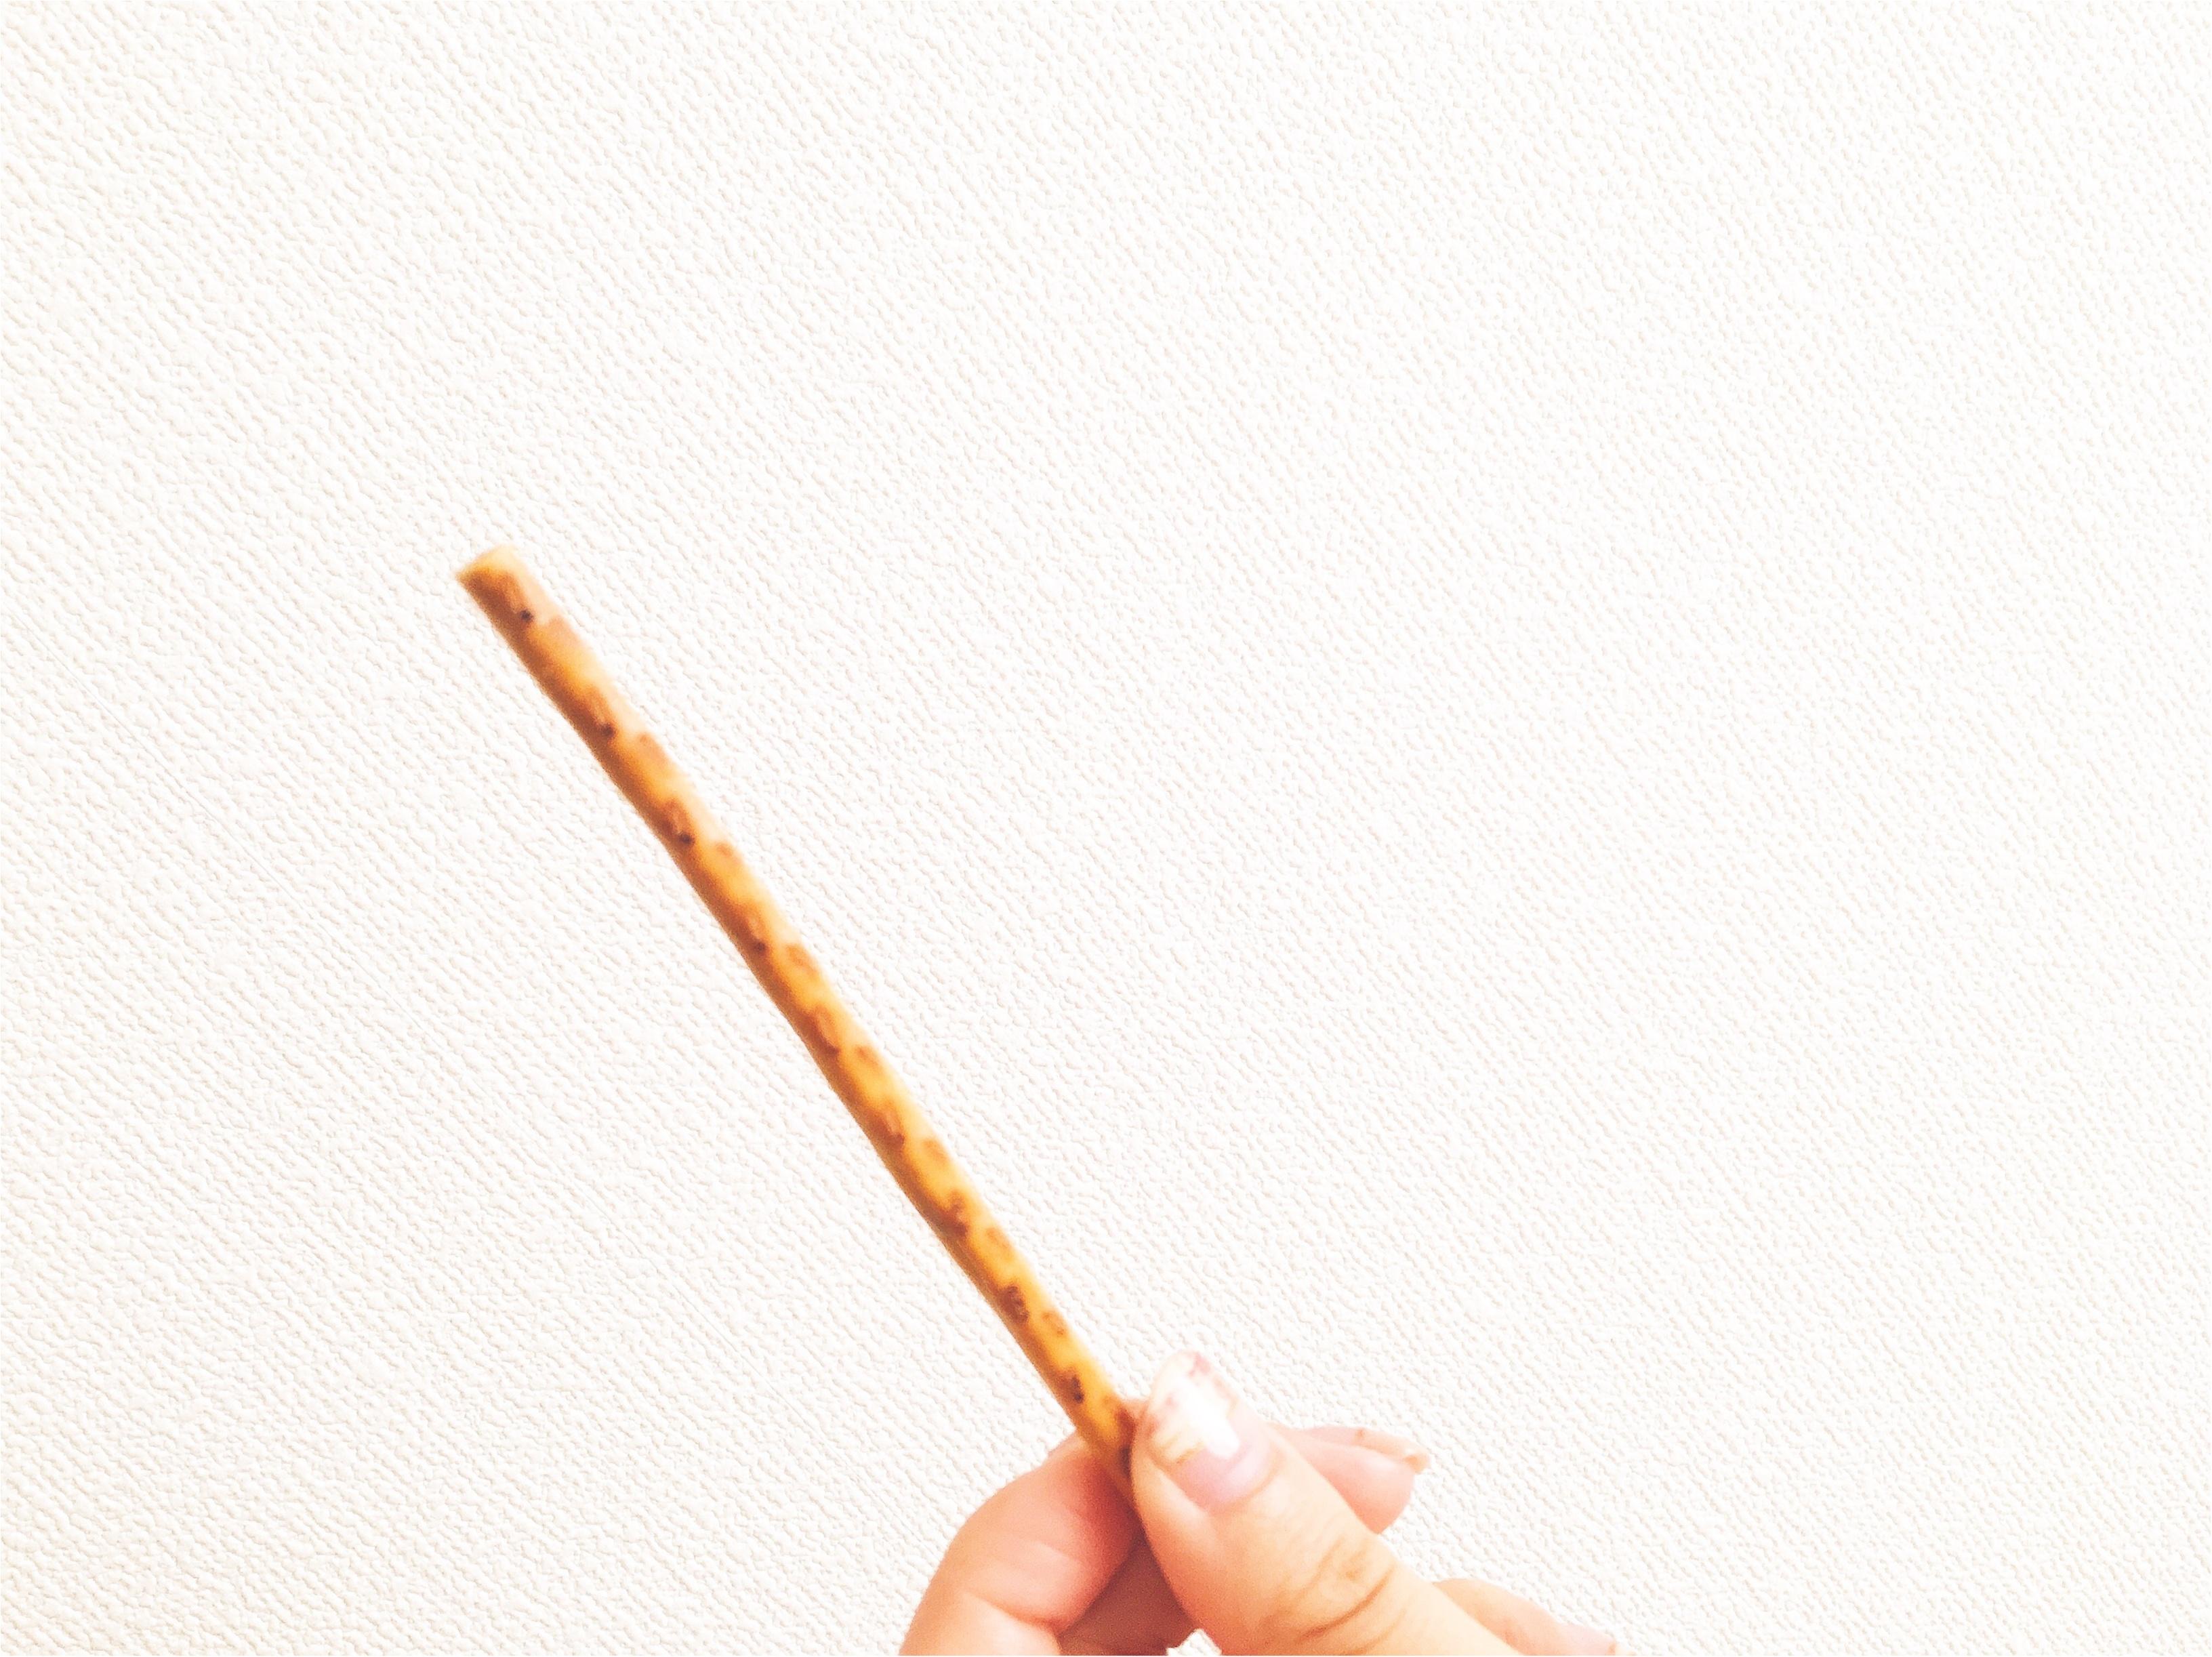 ほっとする【TOPPO(トッポ)】ミルクティー味が新登場♡「自分ツッコミくま」のナガノさんパッケージがかわいい!_2